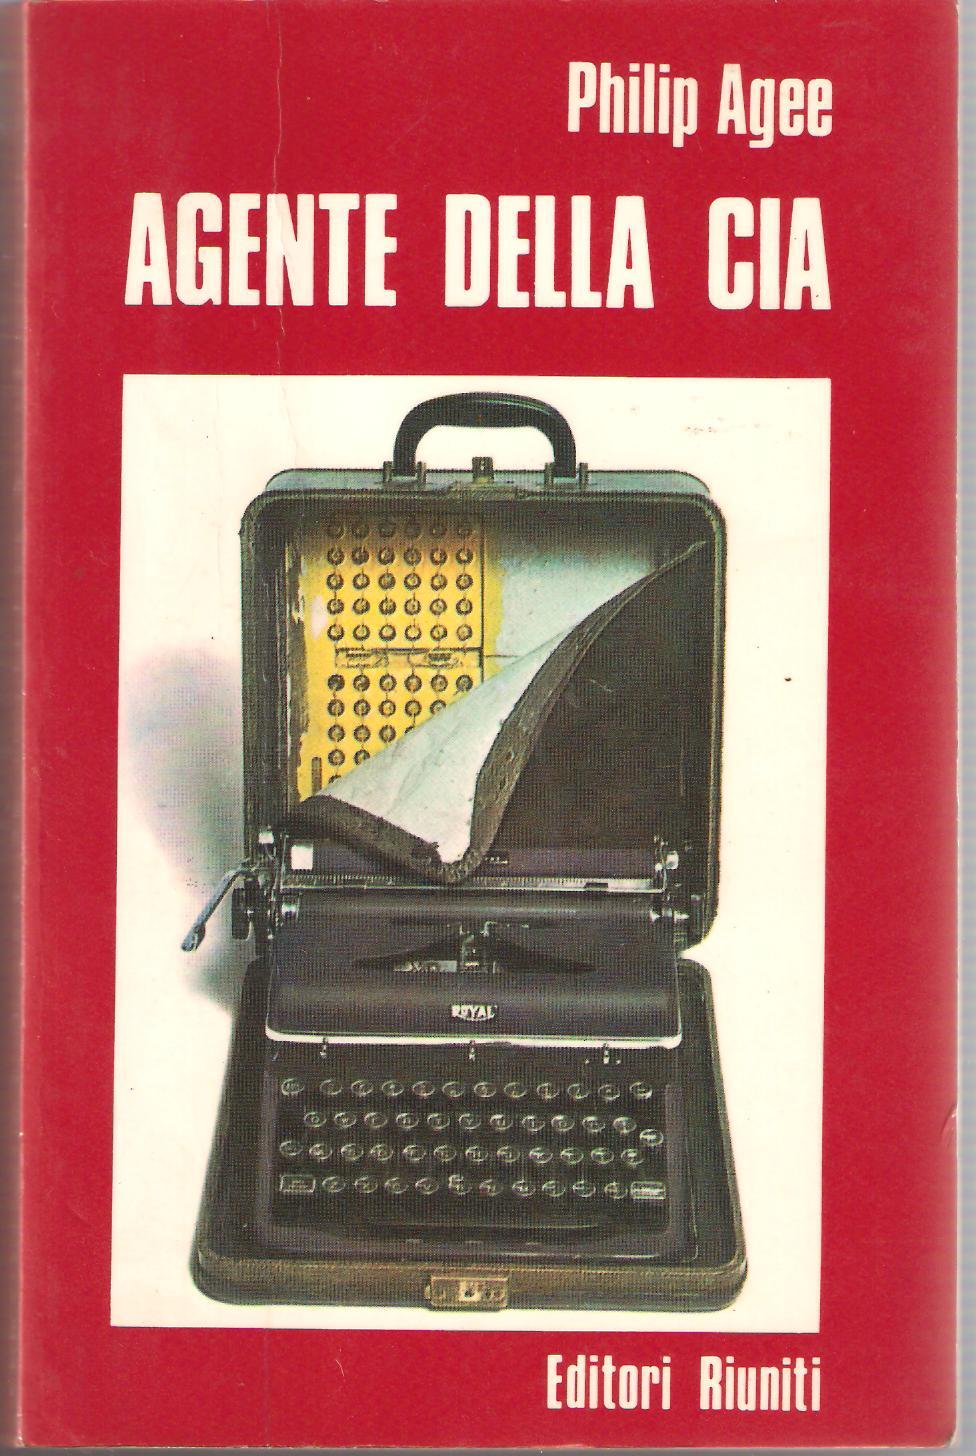 Agente della CIA